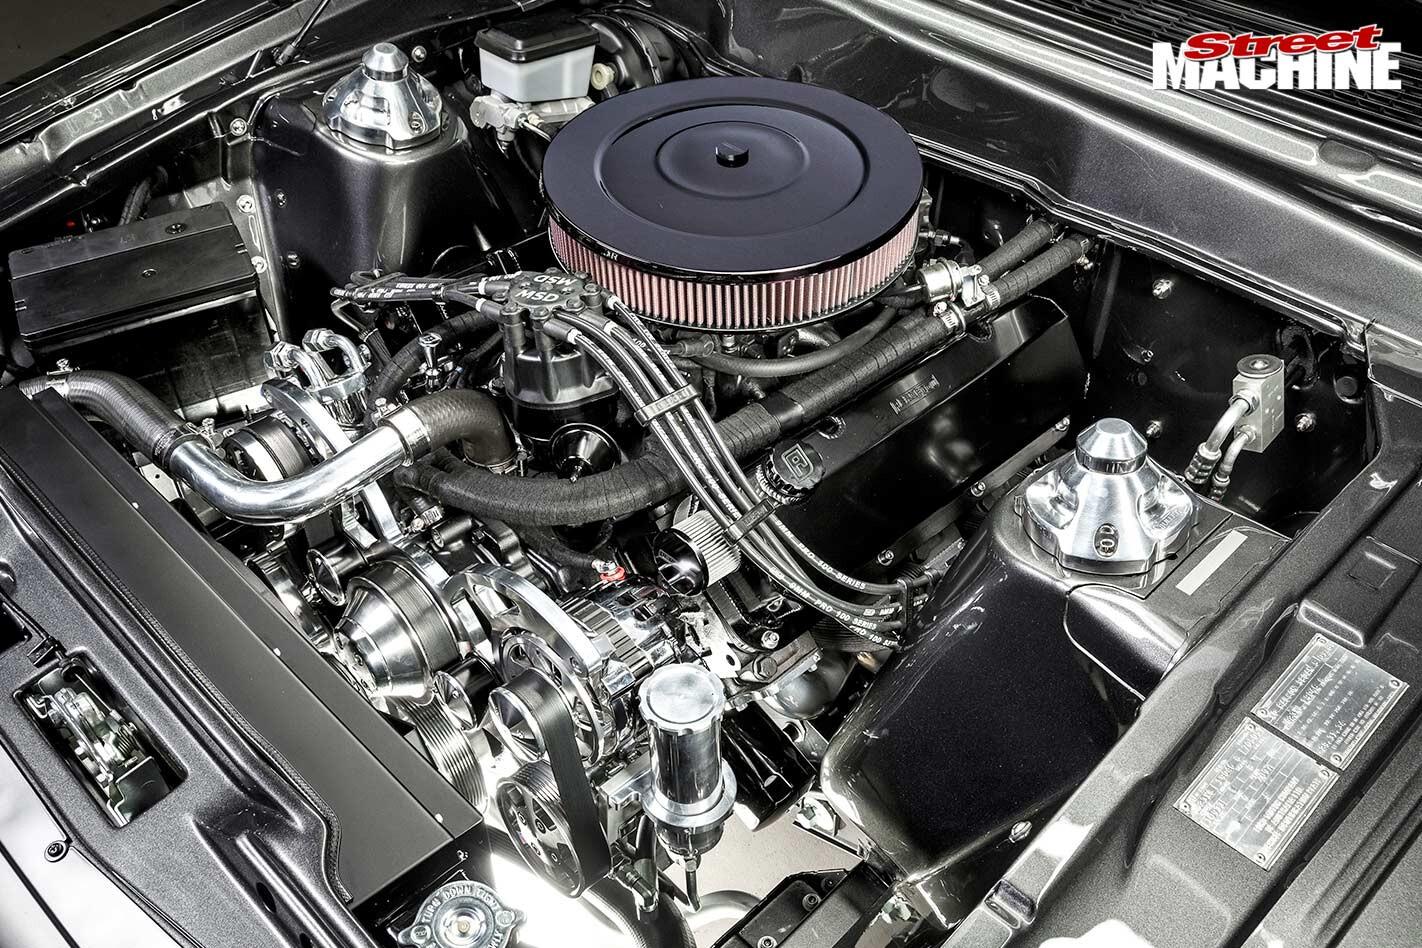 Ford XD Falcon engine bay